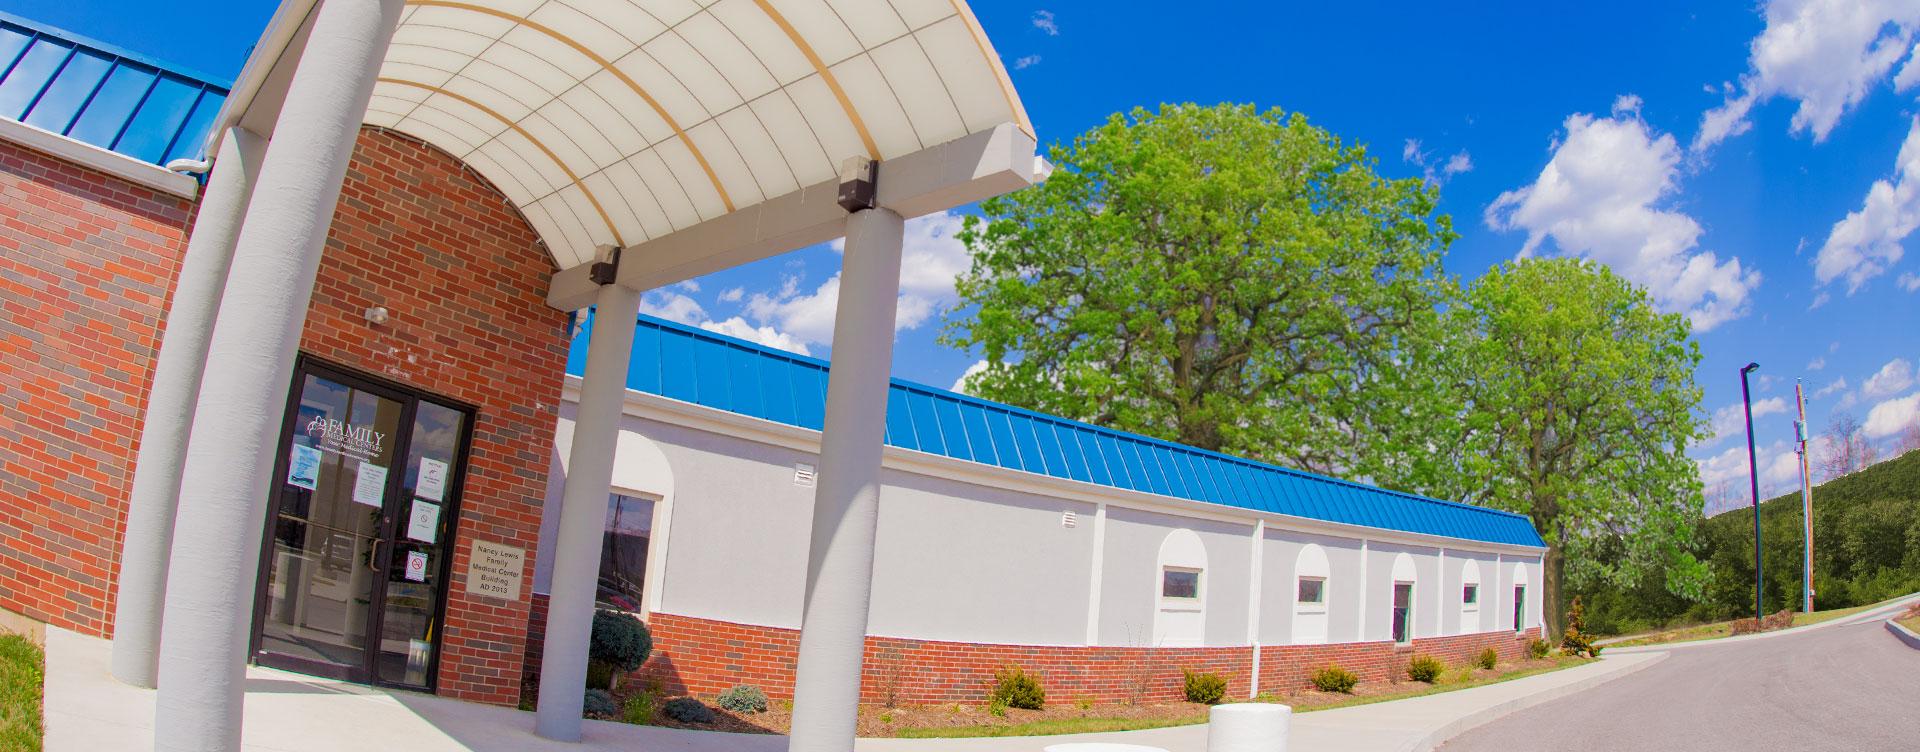 Proctorville Family Medical Center